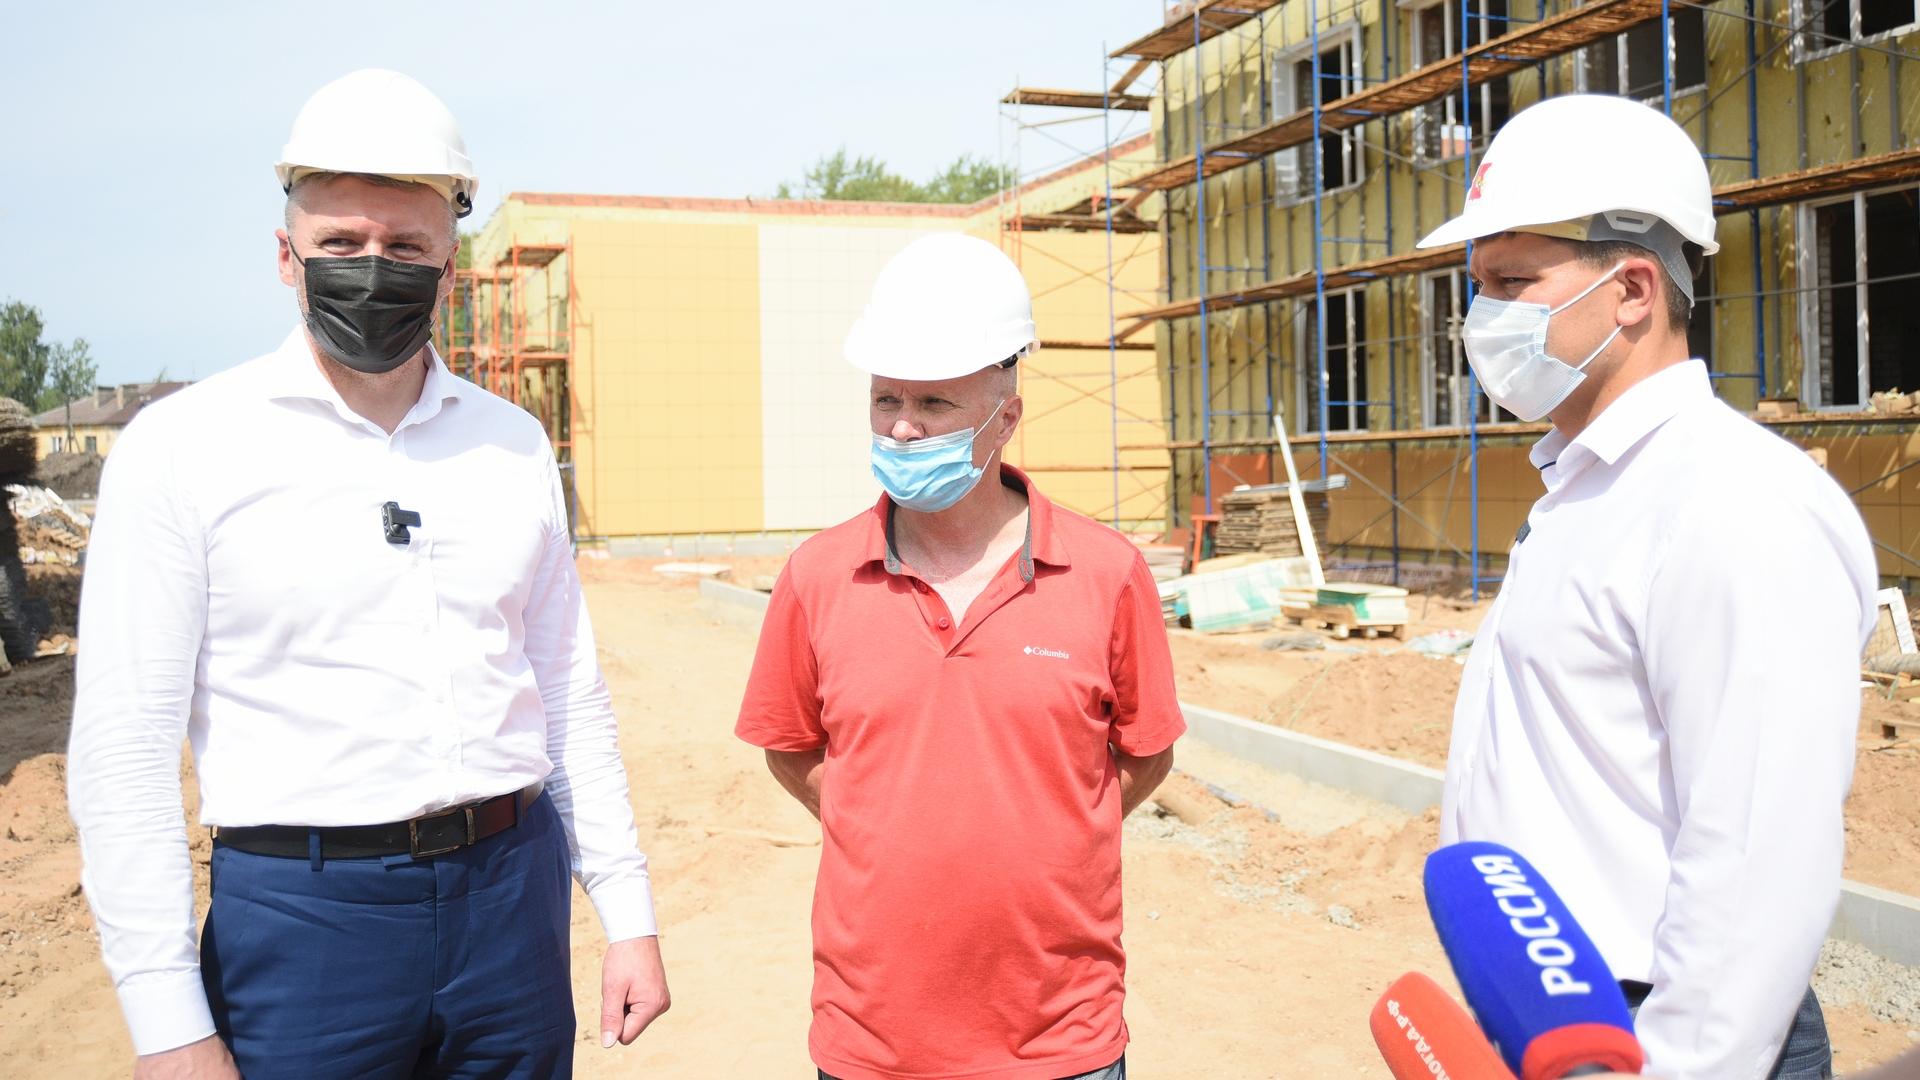 Сегодня строительную площадку детского сада на ул. Народной проинспектировал мэр Вологды Сергей Воропанов.